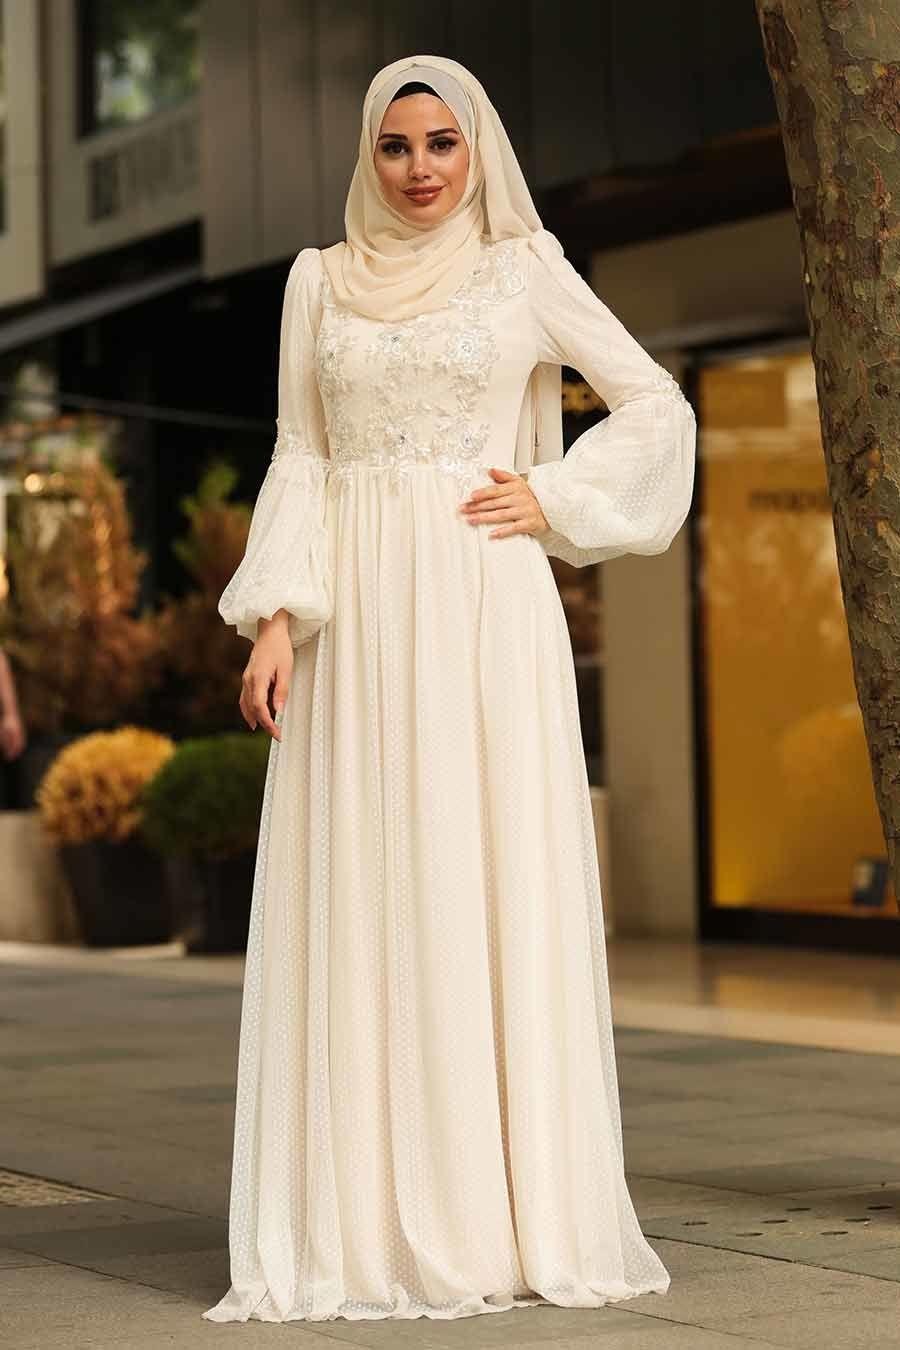 Tesetturlu Abiye Elbise Dantel Detayli Ekru Tesettur Abiye Elbise 3908e Tesetturisland Com The Dress Elbise Aksamustu Giysileri